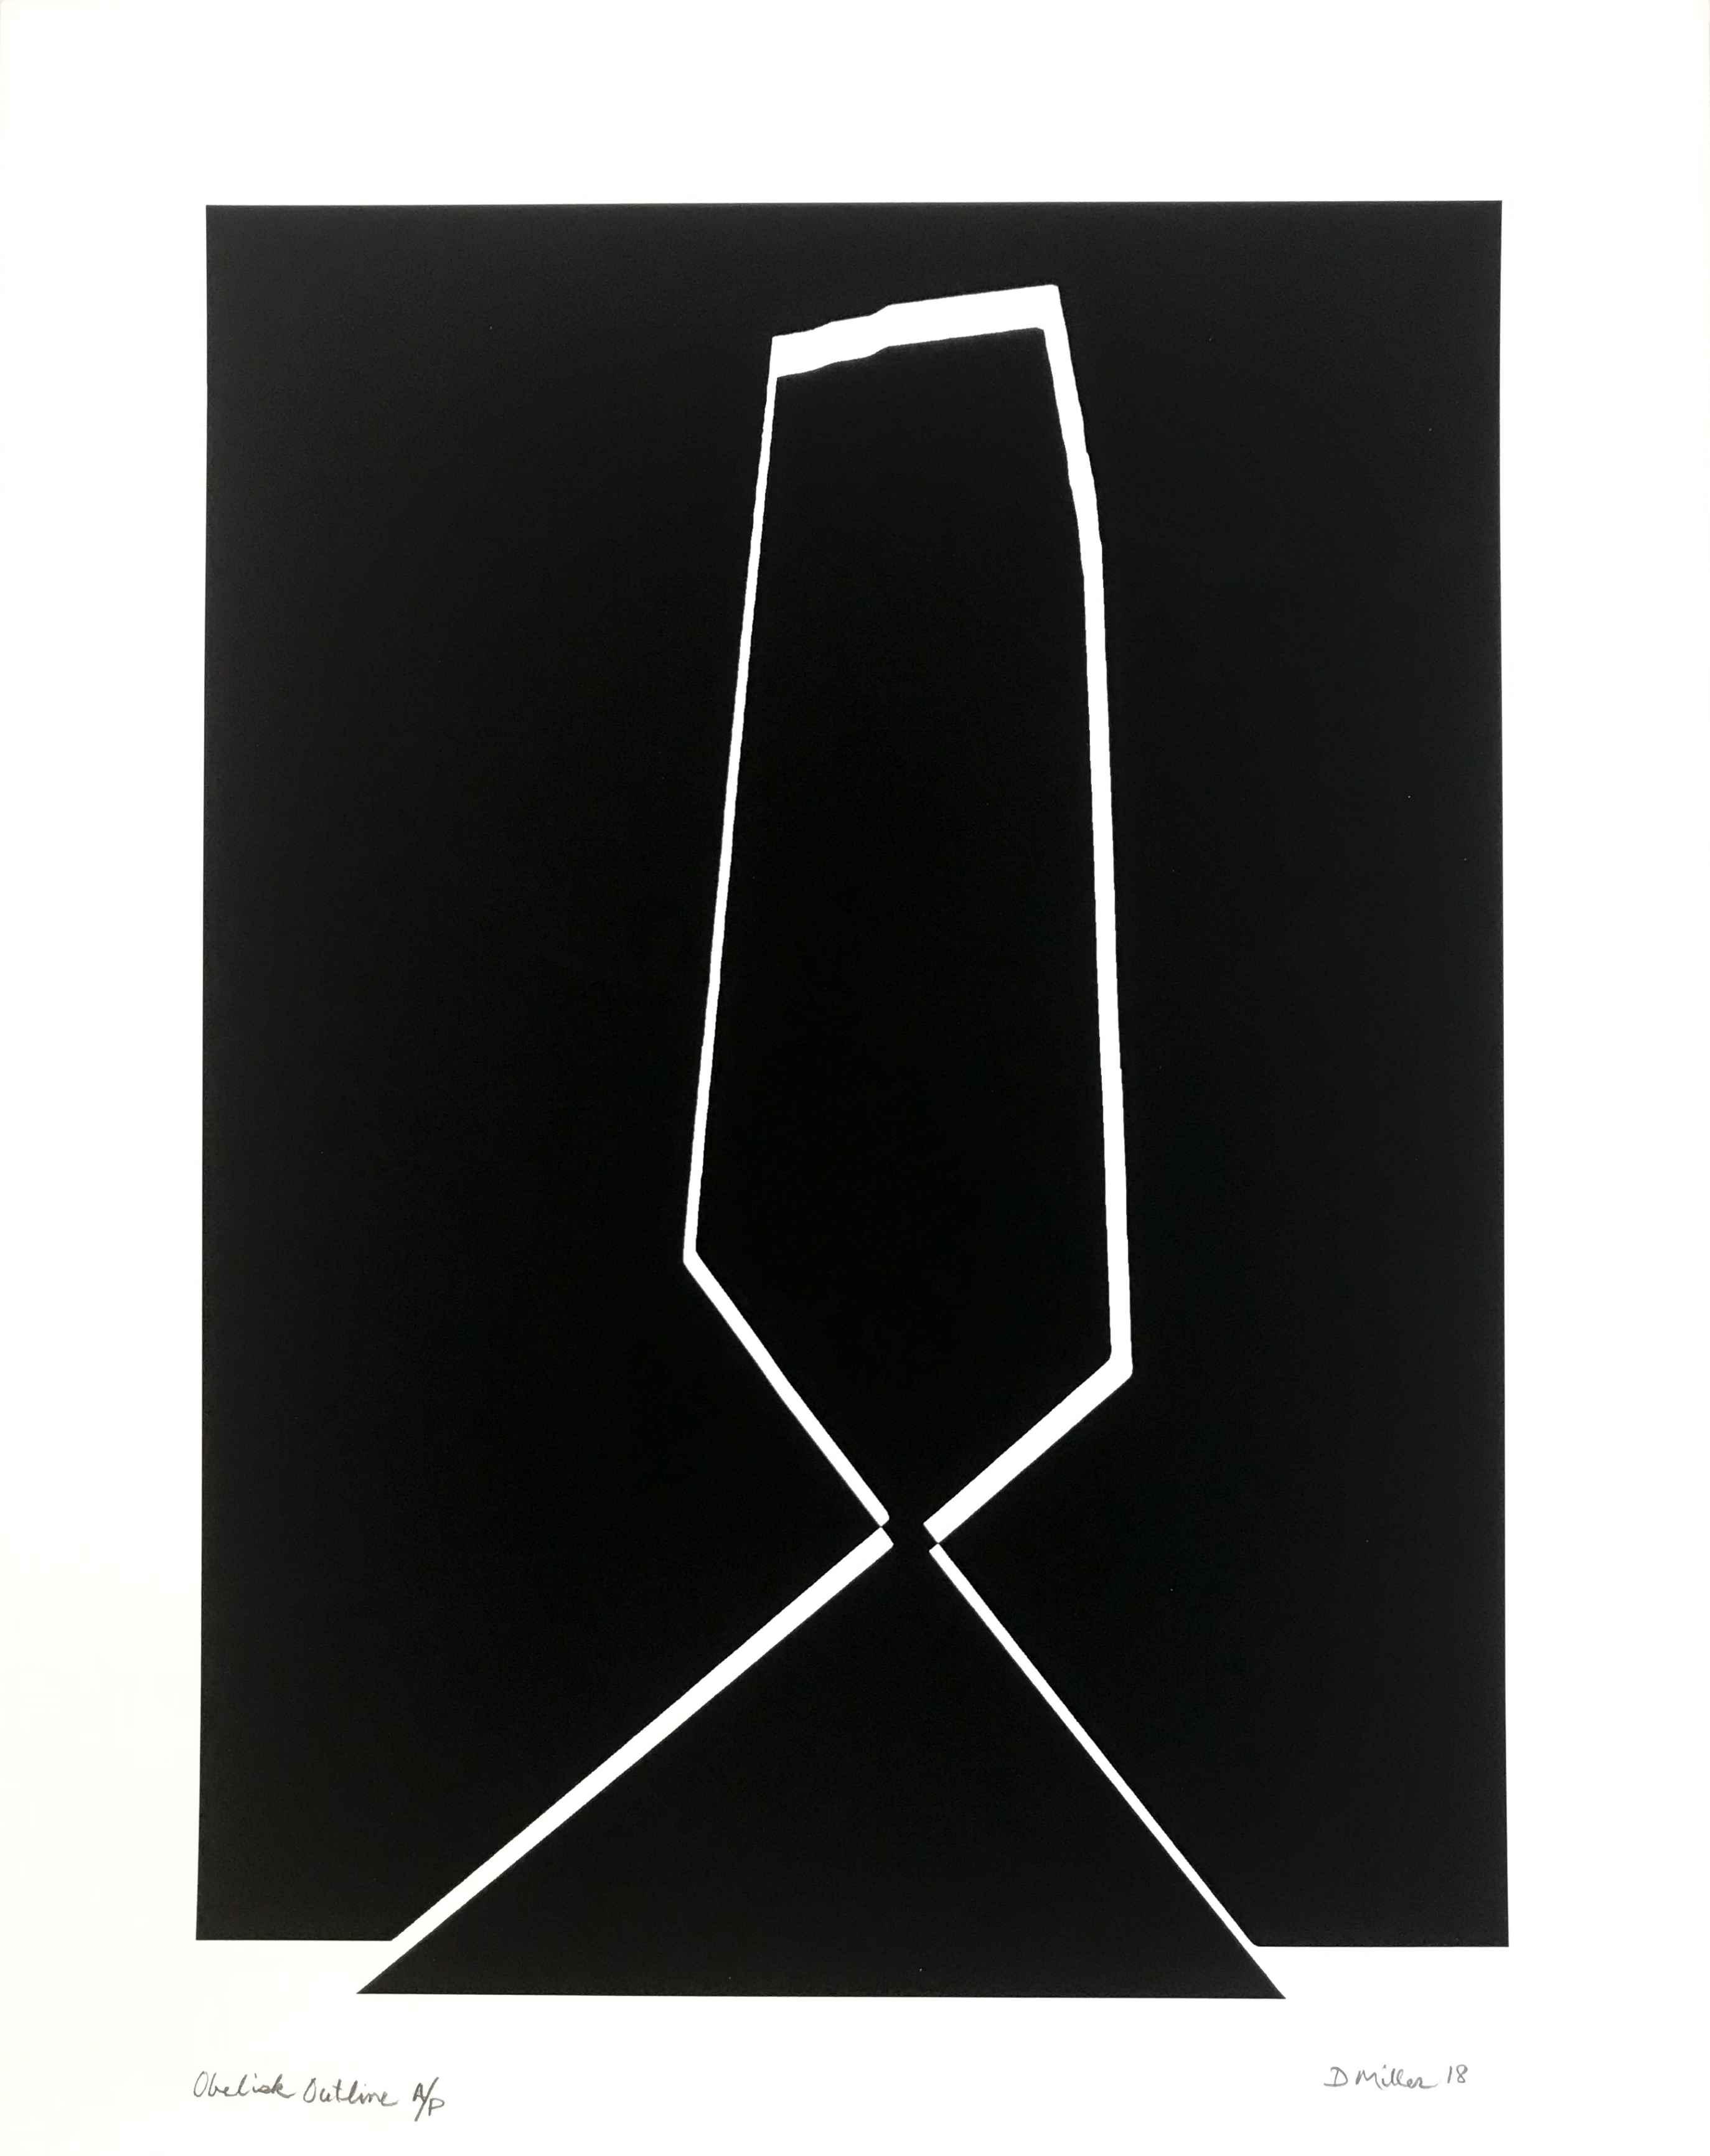 Obelisk Outline by  David Miller - Masterpiece Online